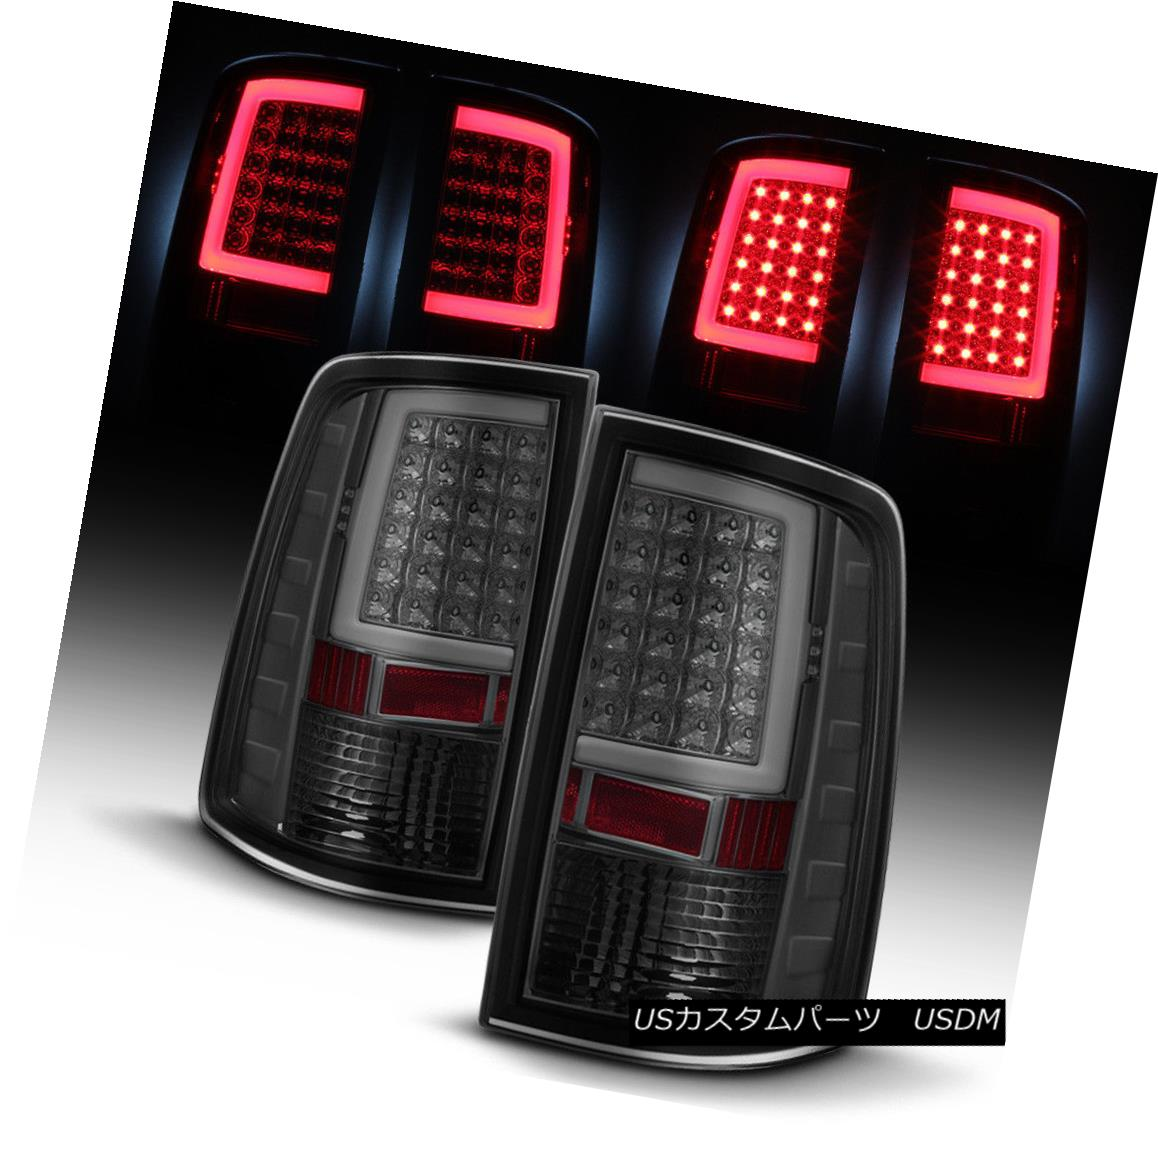 テールライト Smoked 2009-2017 Dodge Ram 1500 10-17 2500 3500 LED Tube Tail Lights Brake Lamps スモーク2009-2017ダッジラム1500 10-17 2500 3500 LEDチューブテールライトブレーキランプ